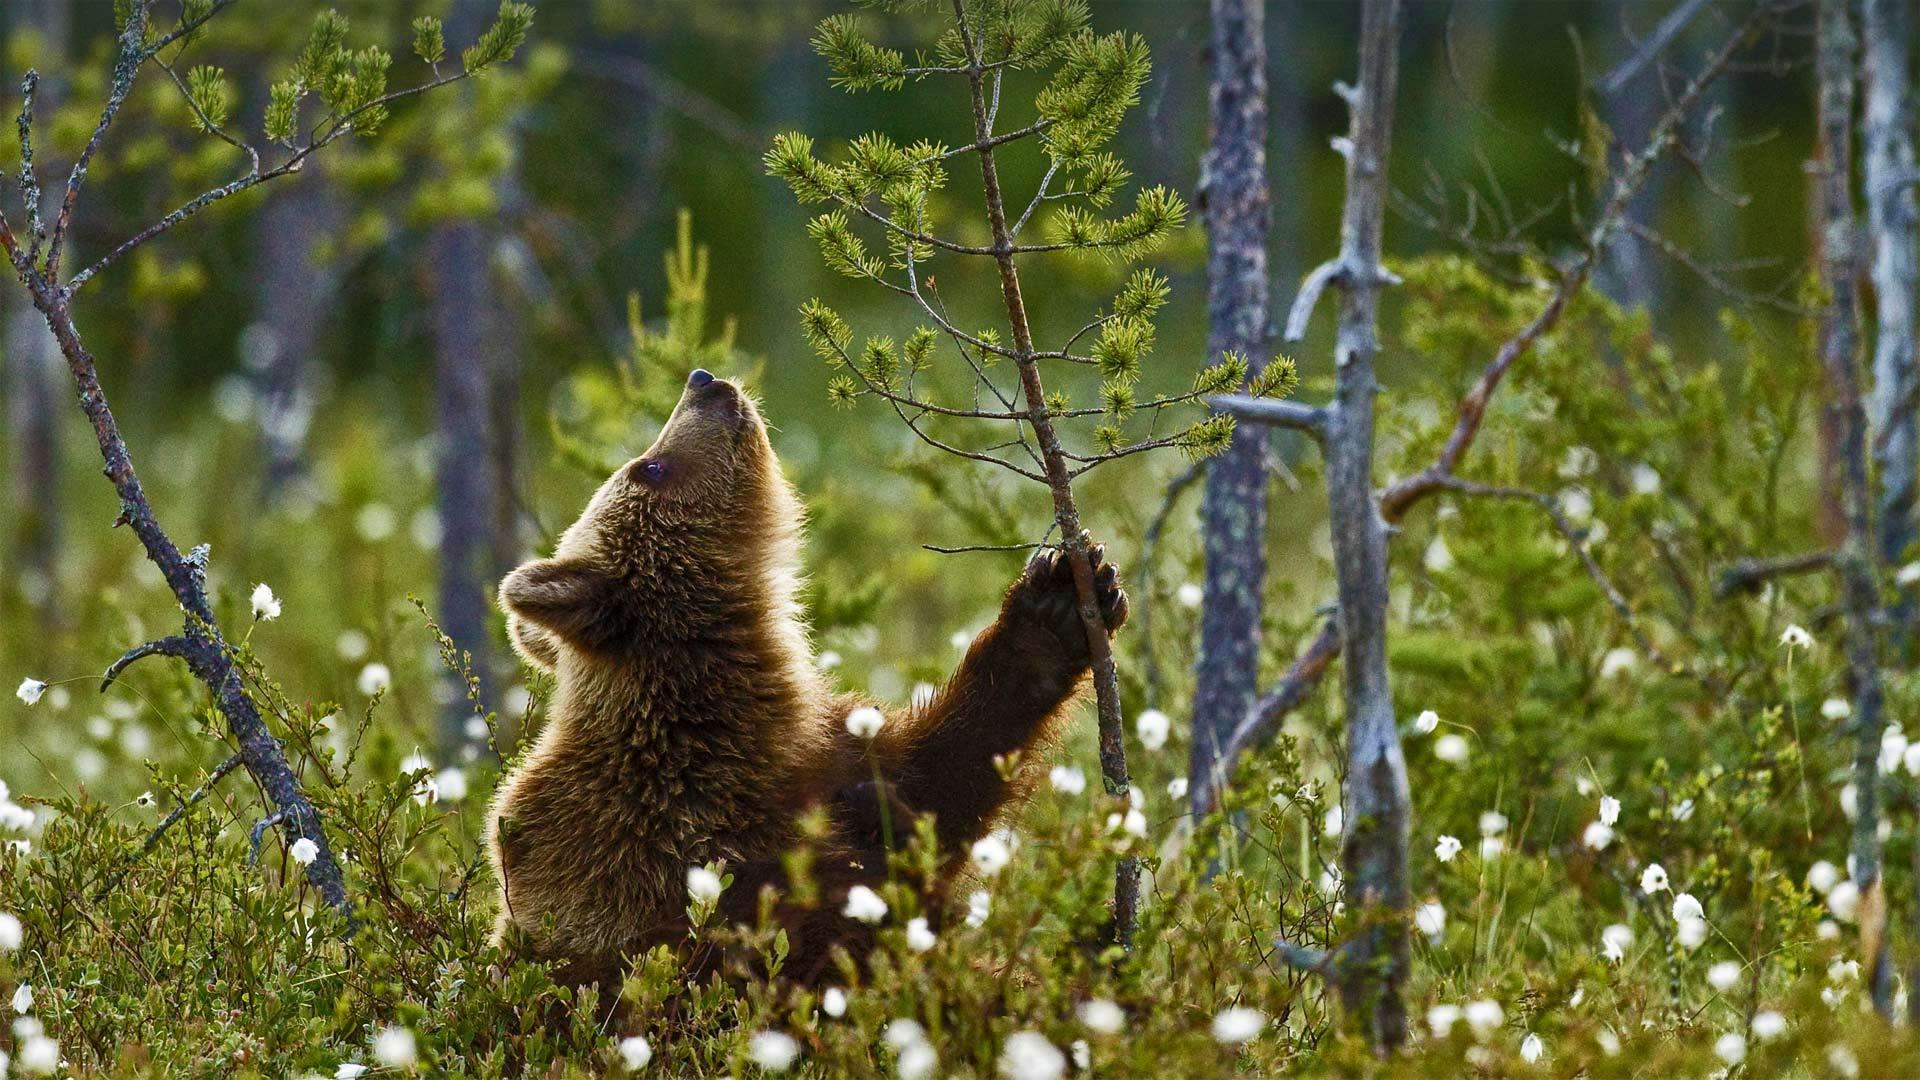 北方针叶林中的欧洲棕熊幼崽棕熊